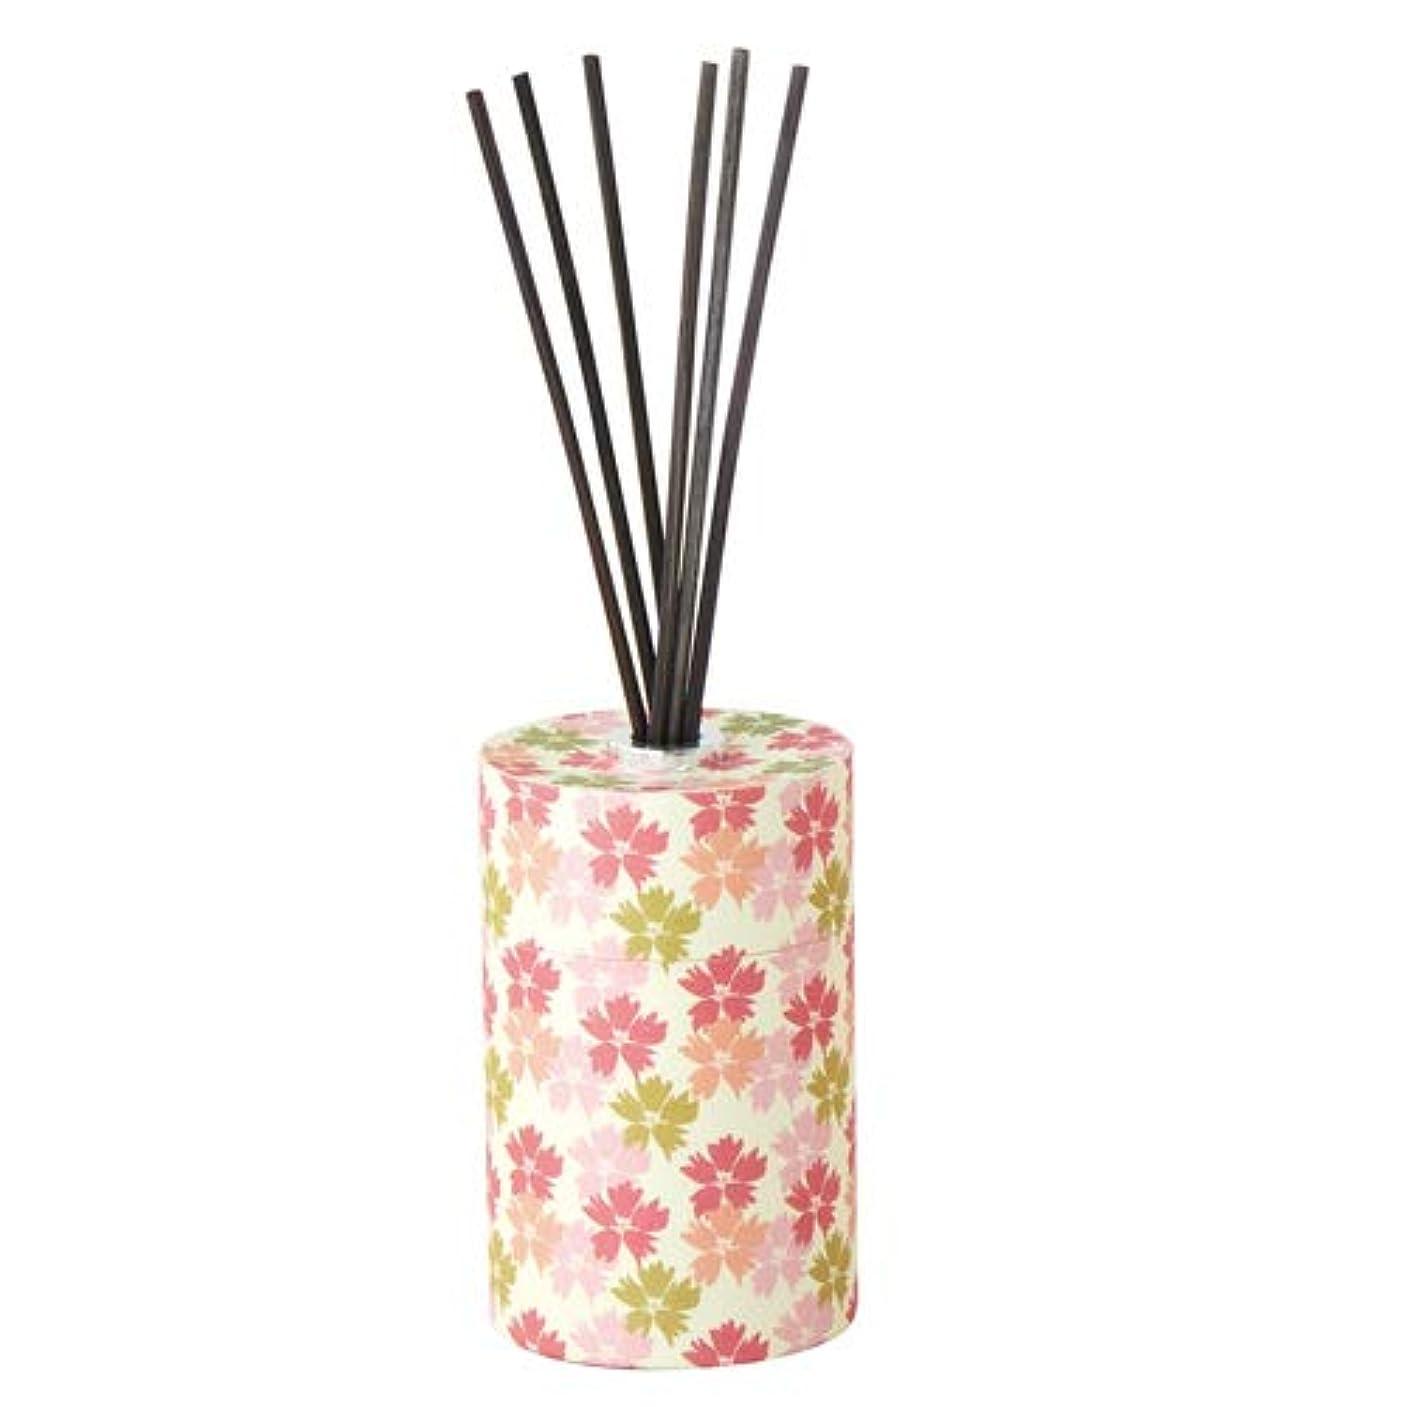 ゆり制裁コード和遊ディフューザー 桜の香り 1個